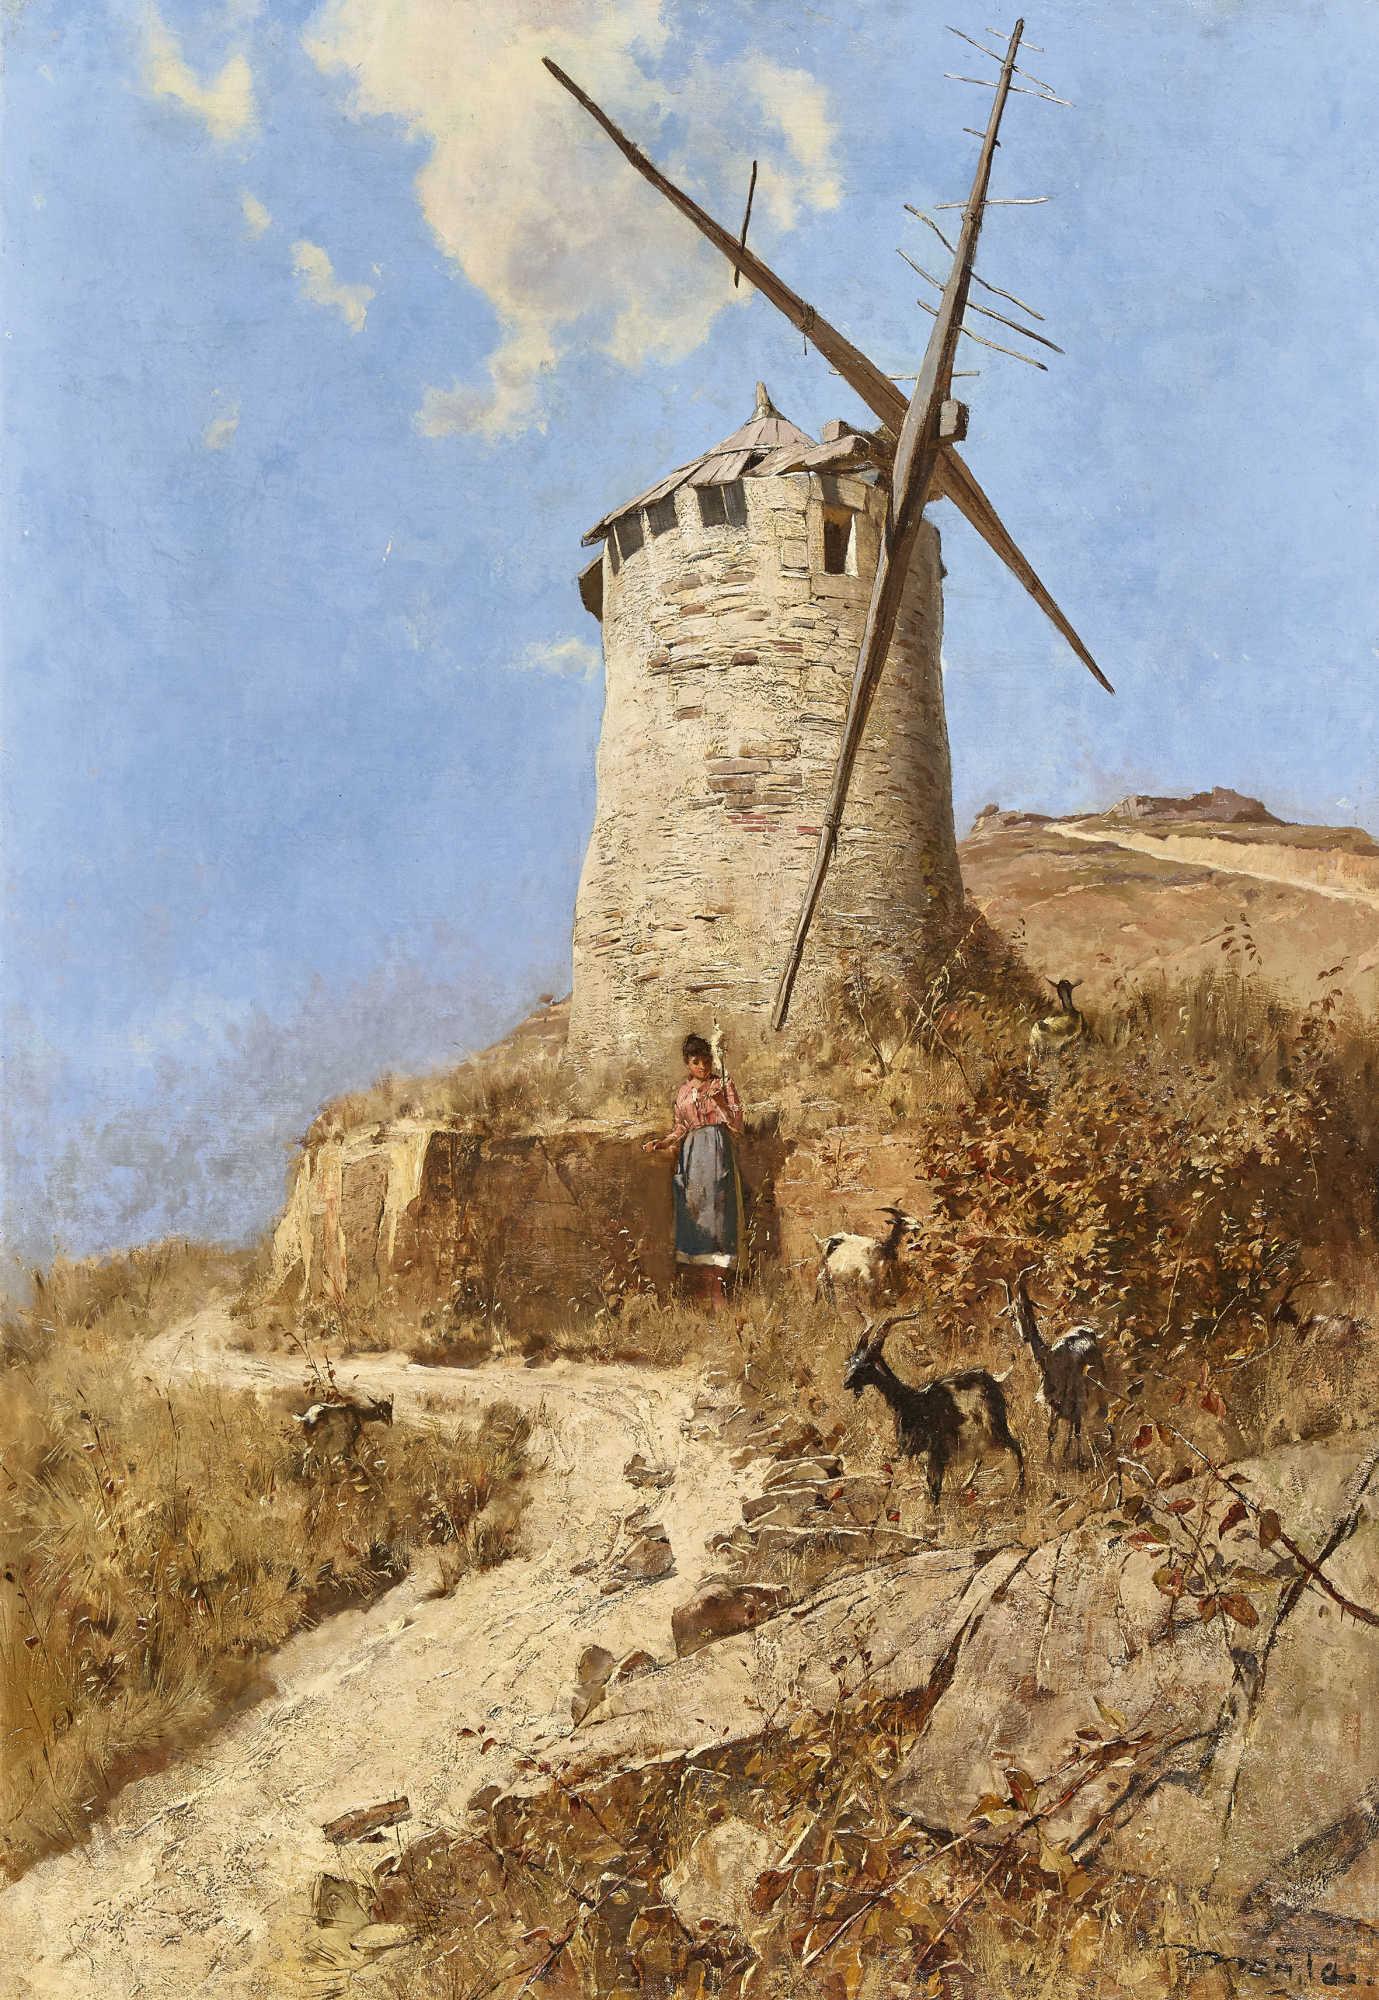 Lot 9 - MENTHA, ÉDOUARD JOHN (AUCH MENTA)1858 Genève 1915Moulin d'Alphonse Daudet (Fontvieille).Öl auf